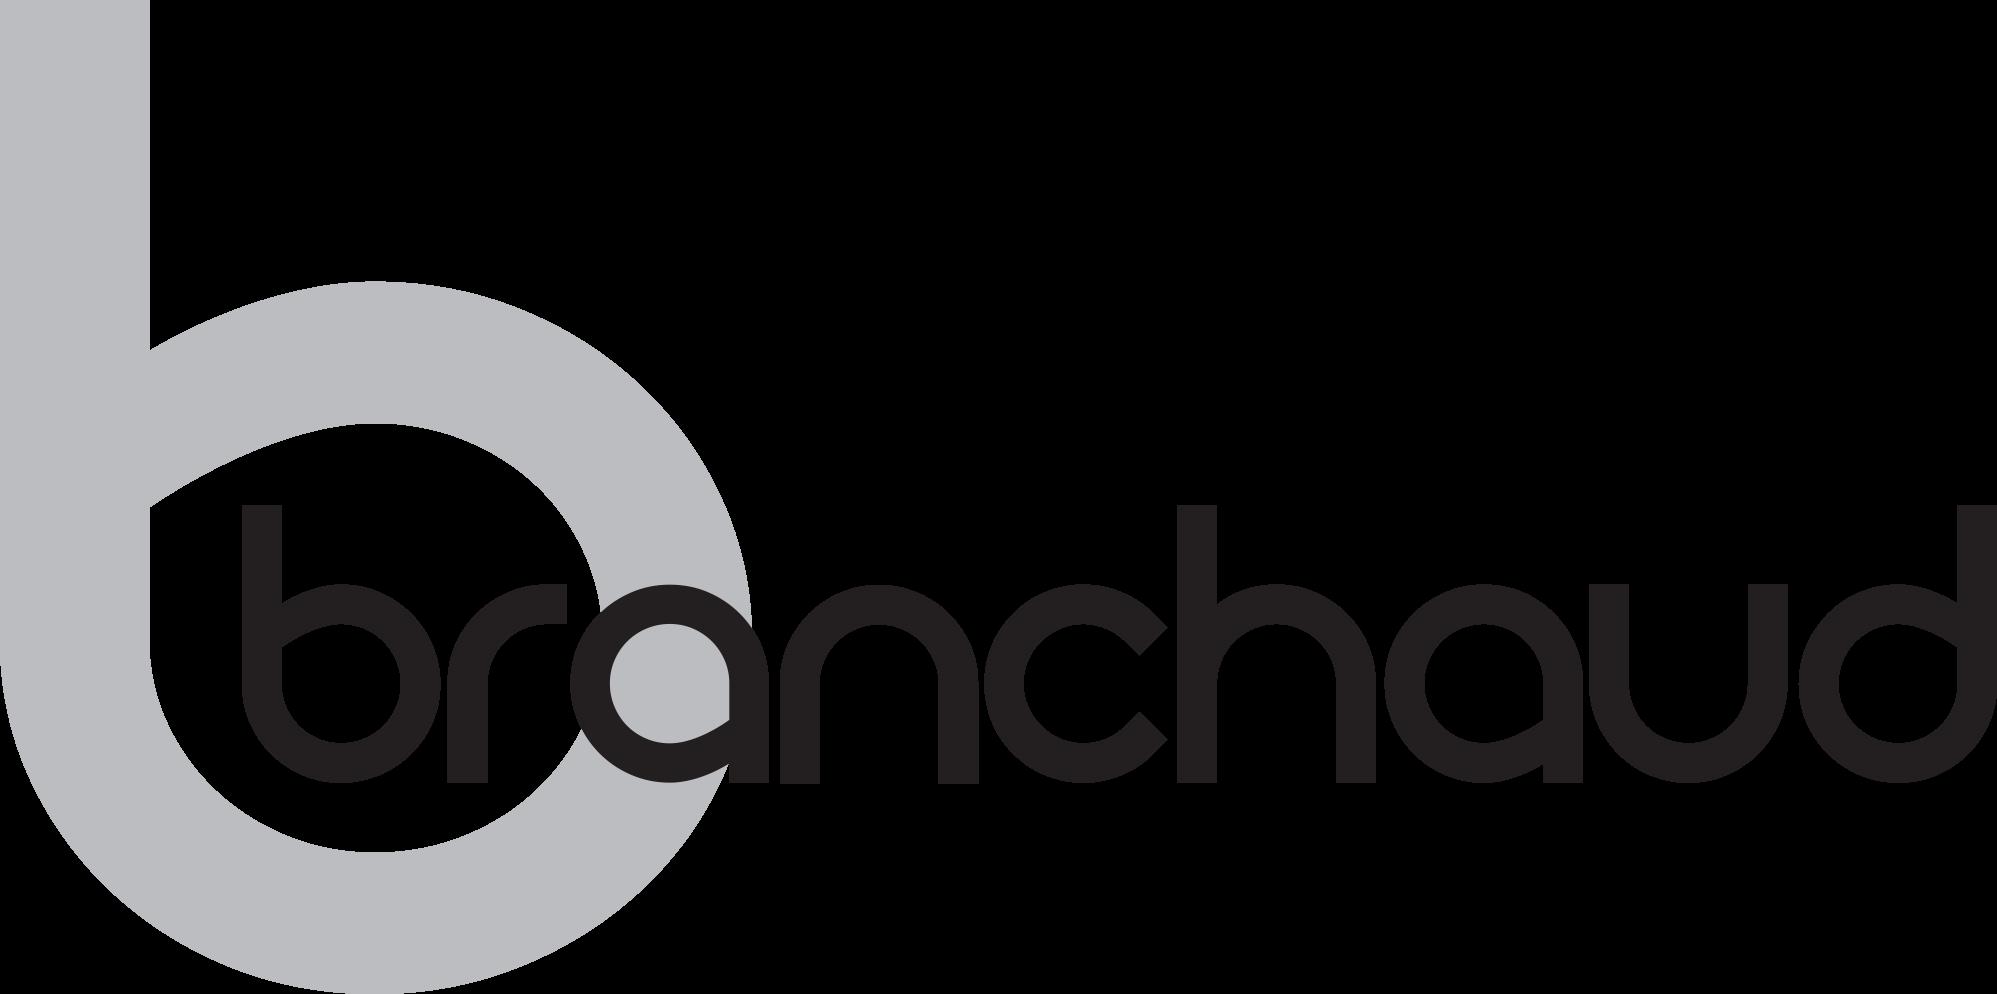 https://0901.nccdn.net/4_2/000/000/071/260/Branchaud-avec-gros-B-1997x994.png